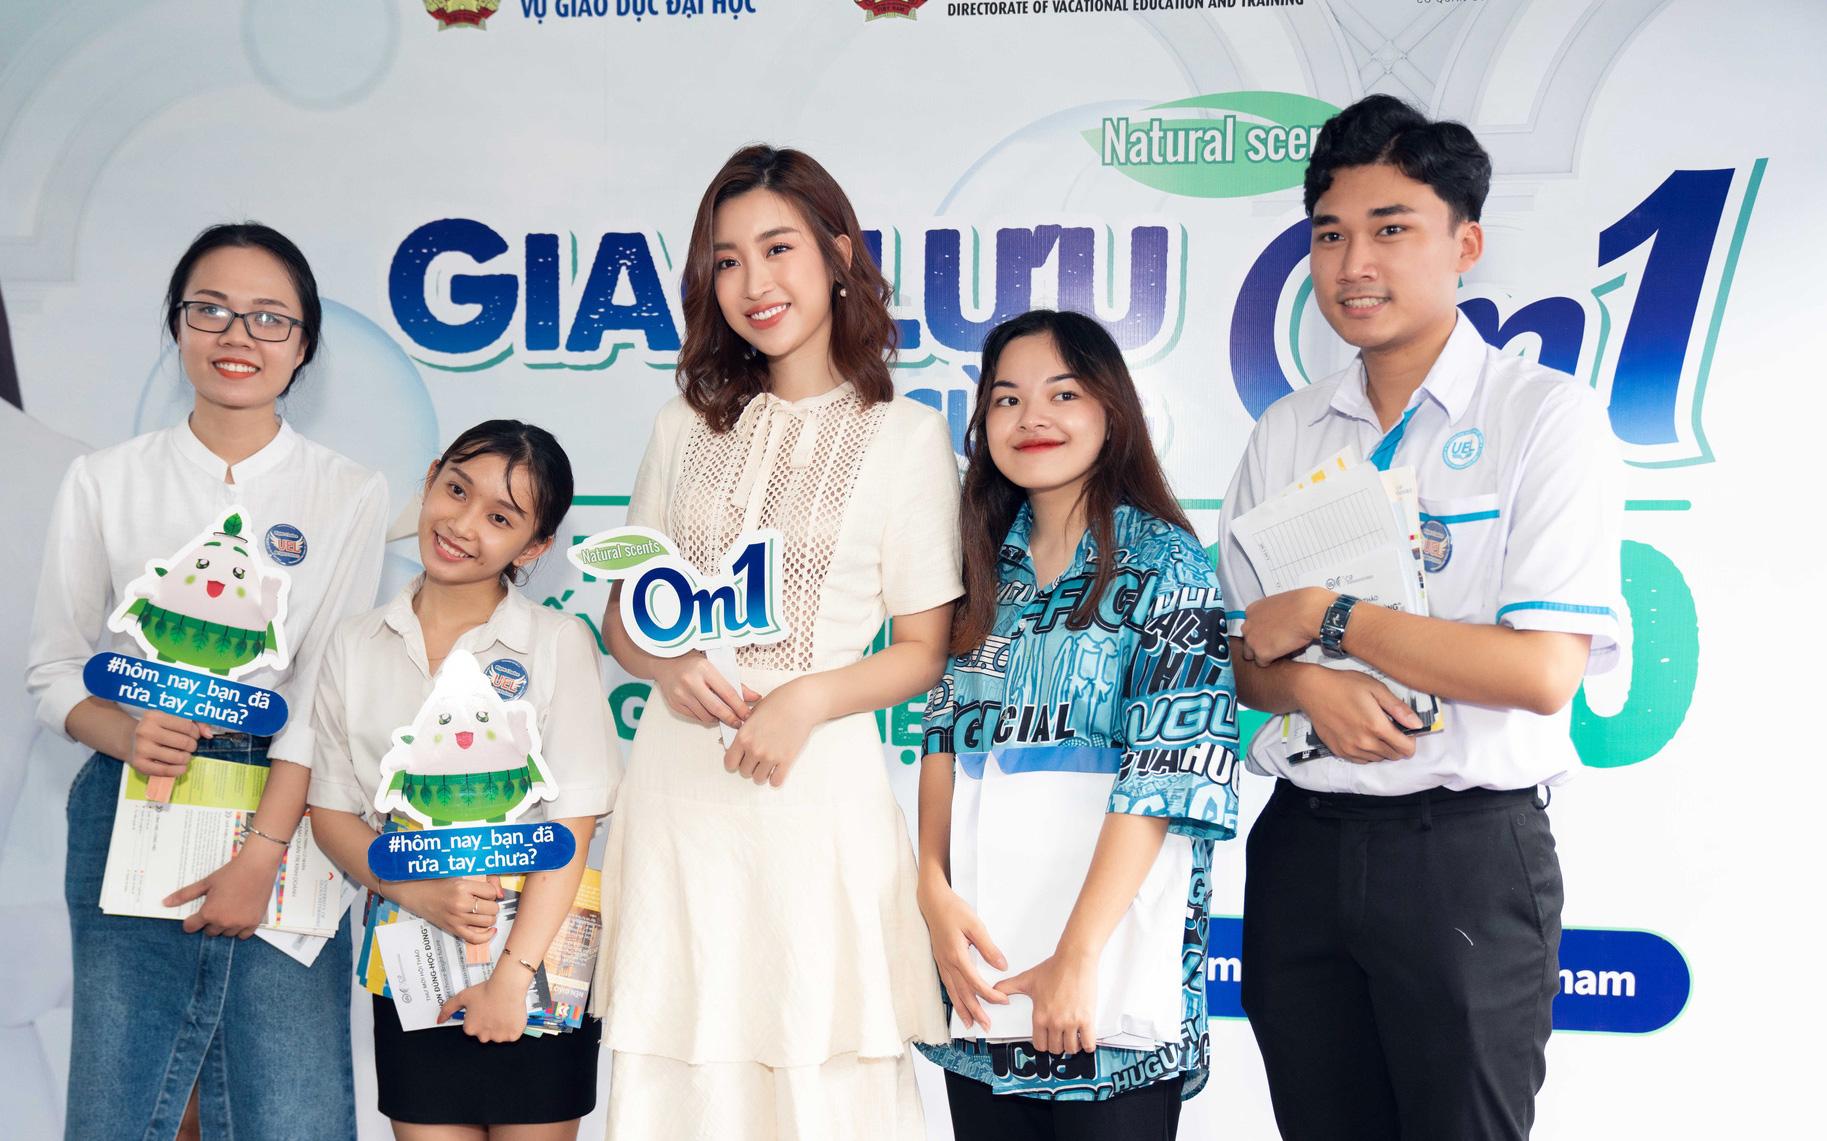 Hoa hậu Đỗ Mỹ Linh và Lương Thùy Linh giao lưu tại Ngày hội tư vấn tuyển sinh hướng nghiệp 2020